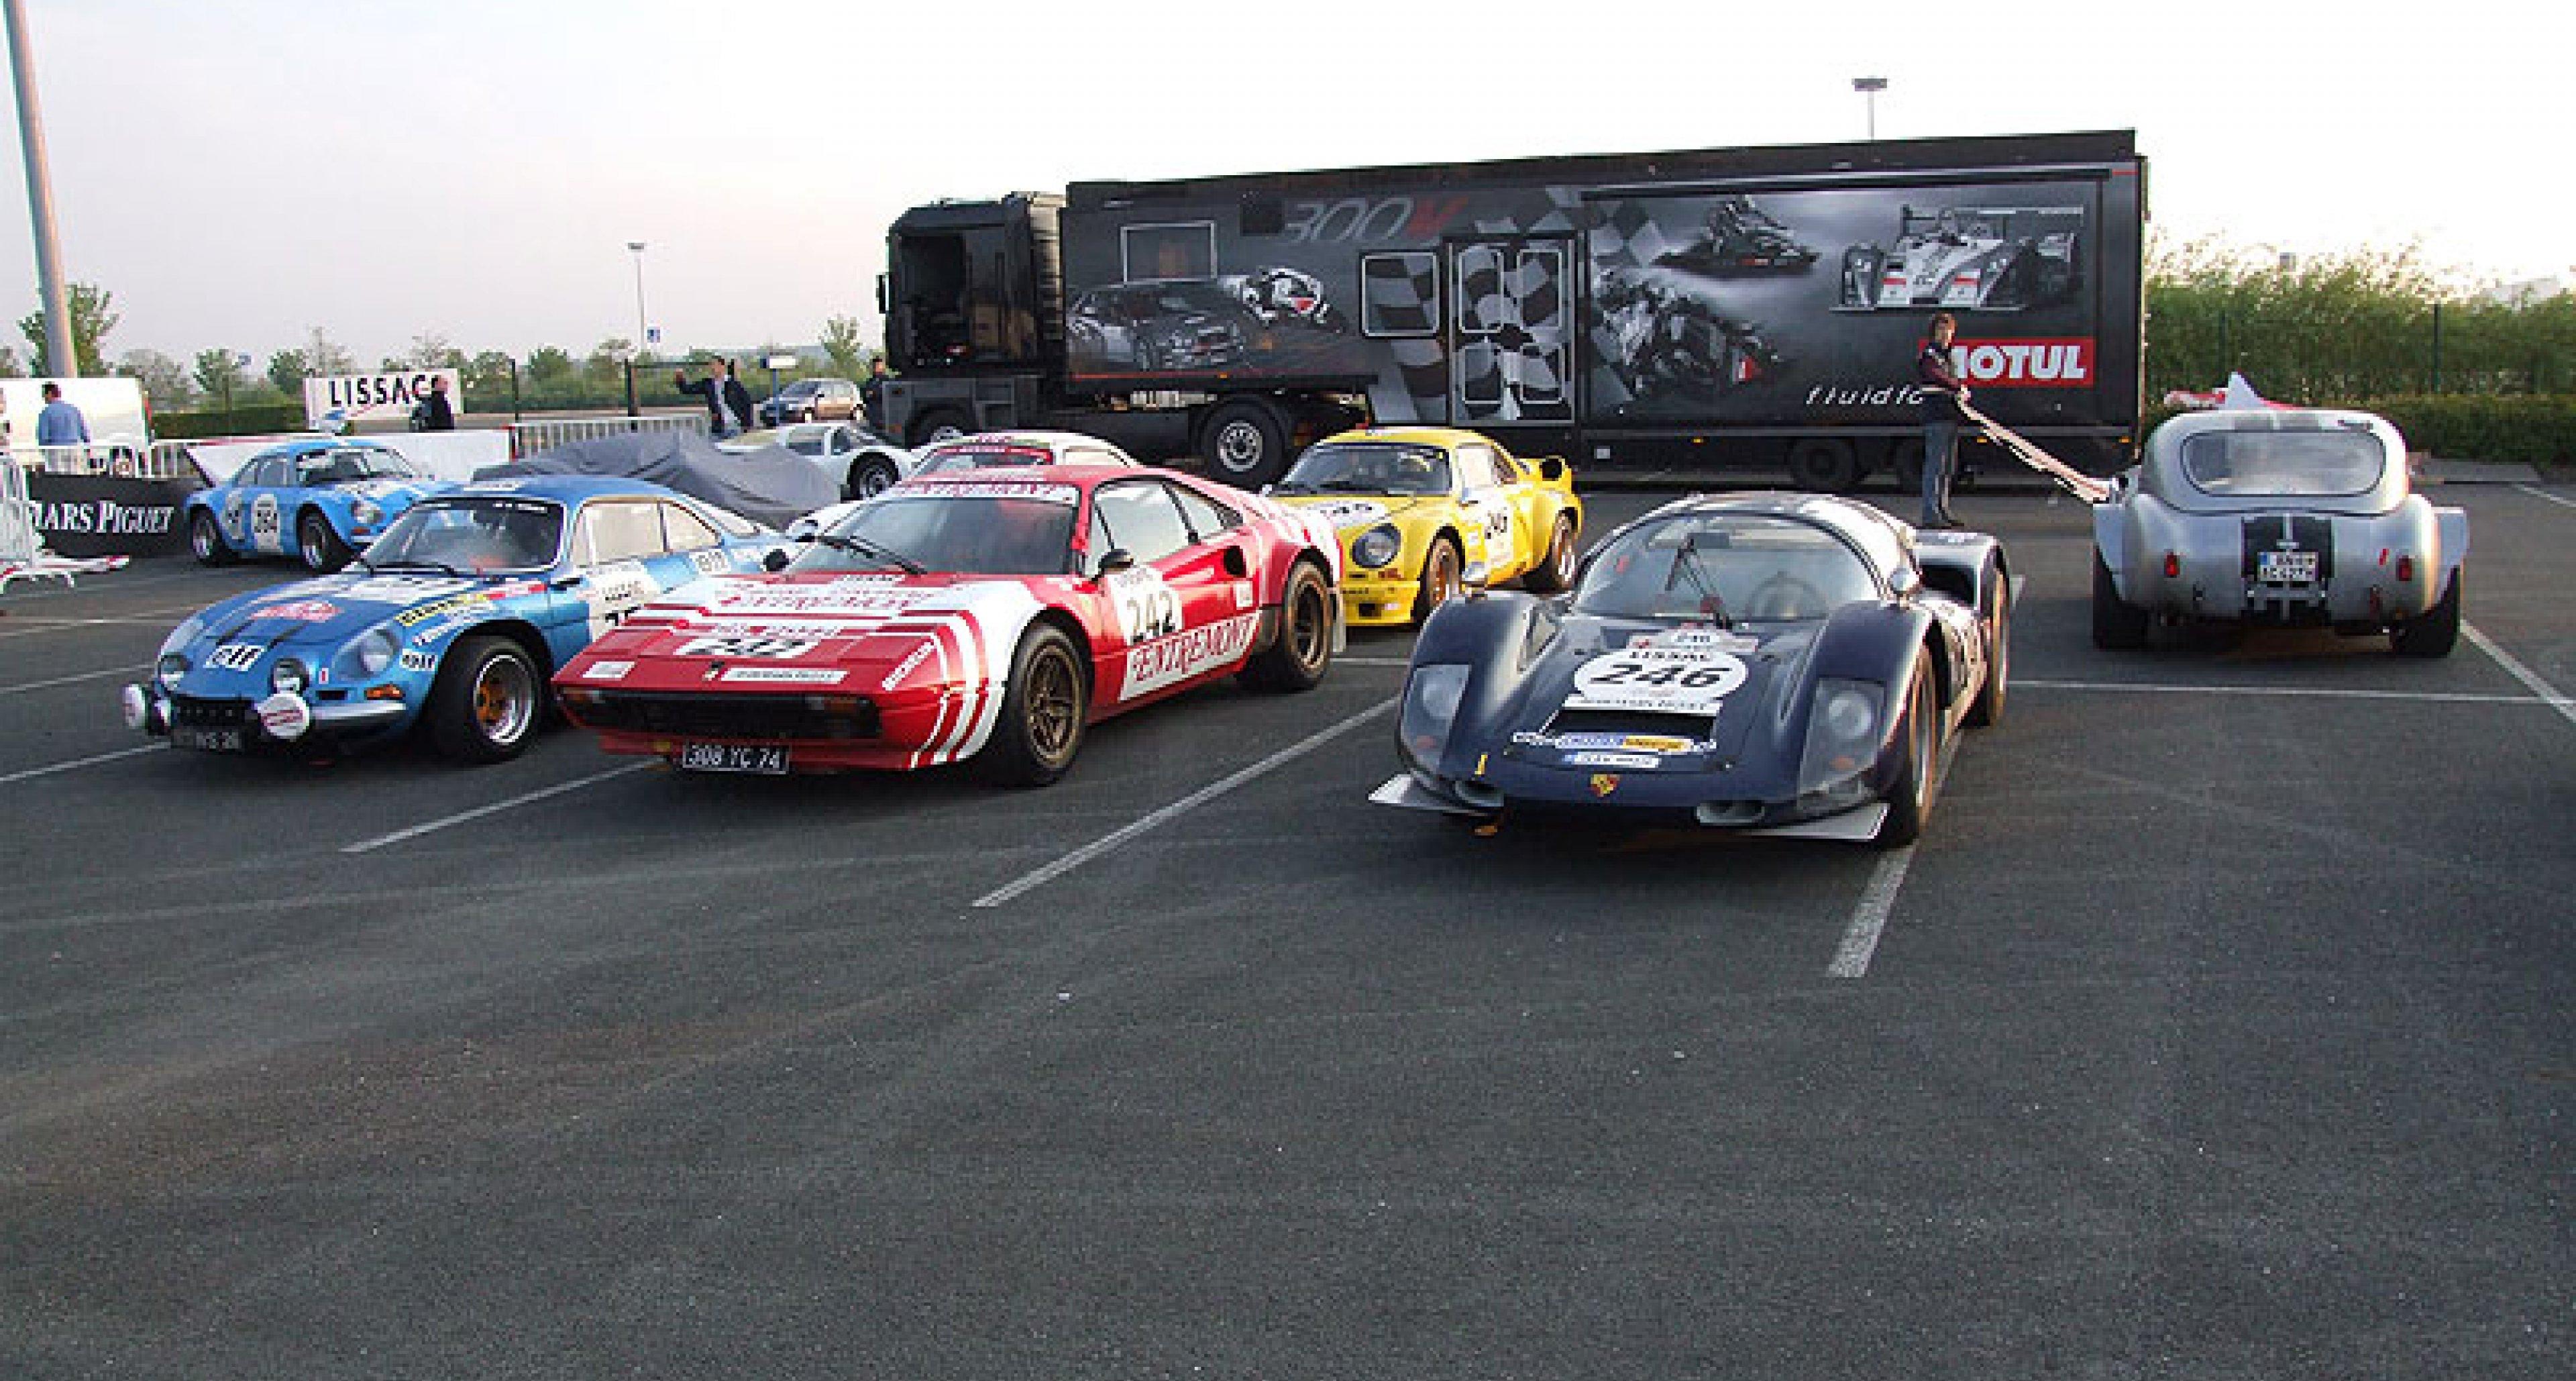 Tour Auto Lissac 2007